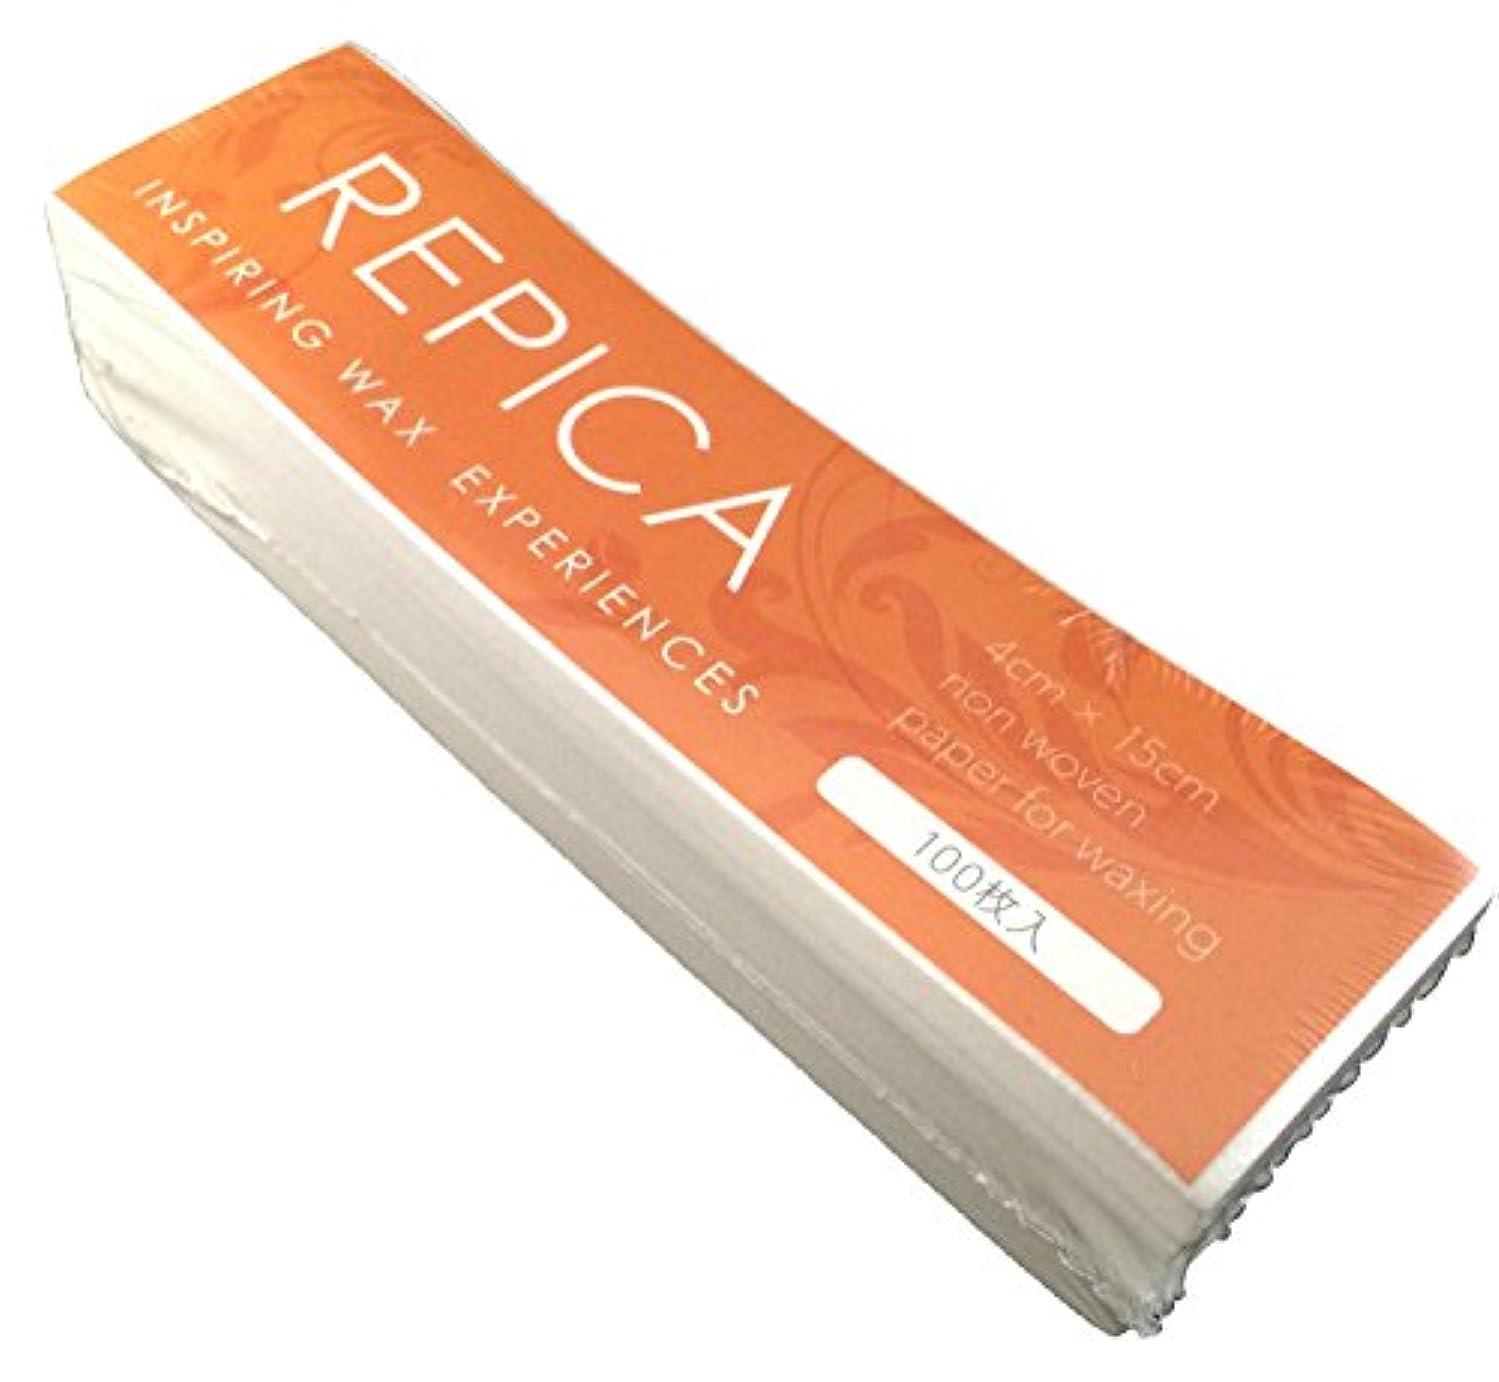 破壊的保護する密接にREPICA ブラジリアンワックス脱毛 カットペーパー Sサイズ100枚入り×5個セット ワックス脱毛 ワックスシート ストリップシート